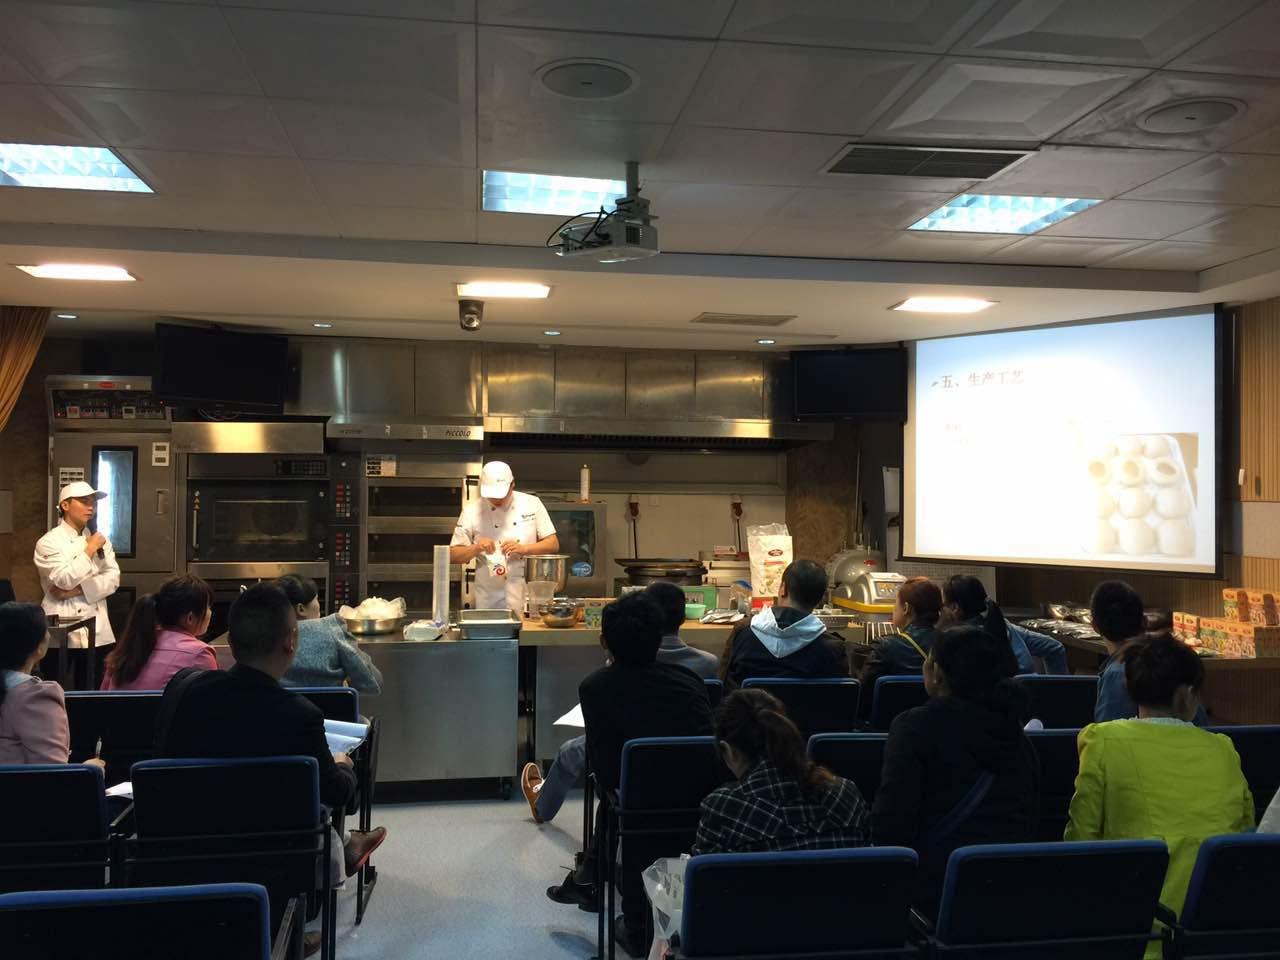 安琪两省三地同开展烘焙与发酵面食应用技术培训